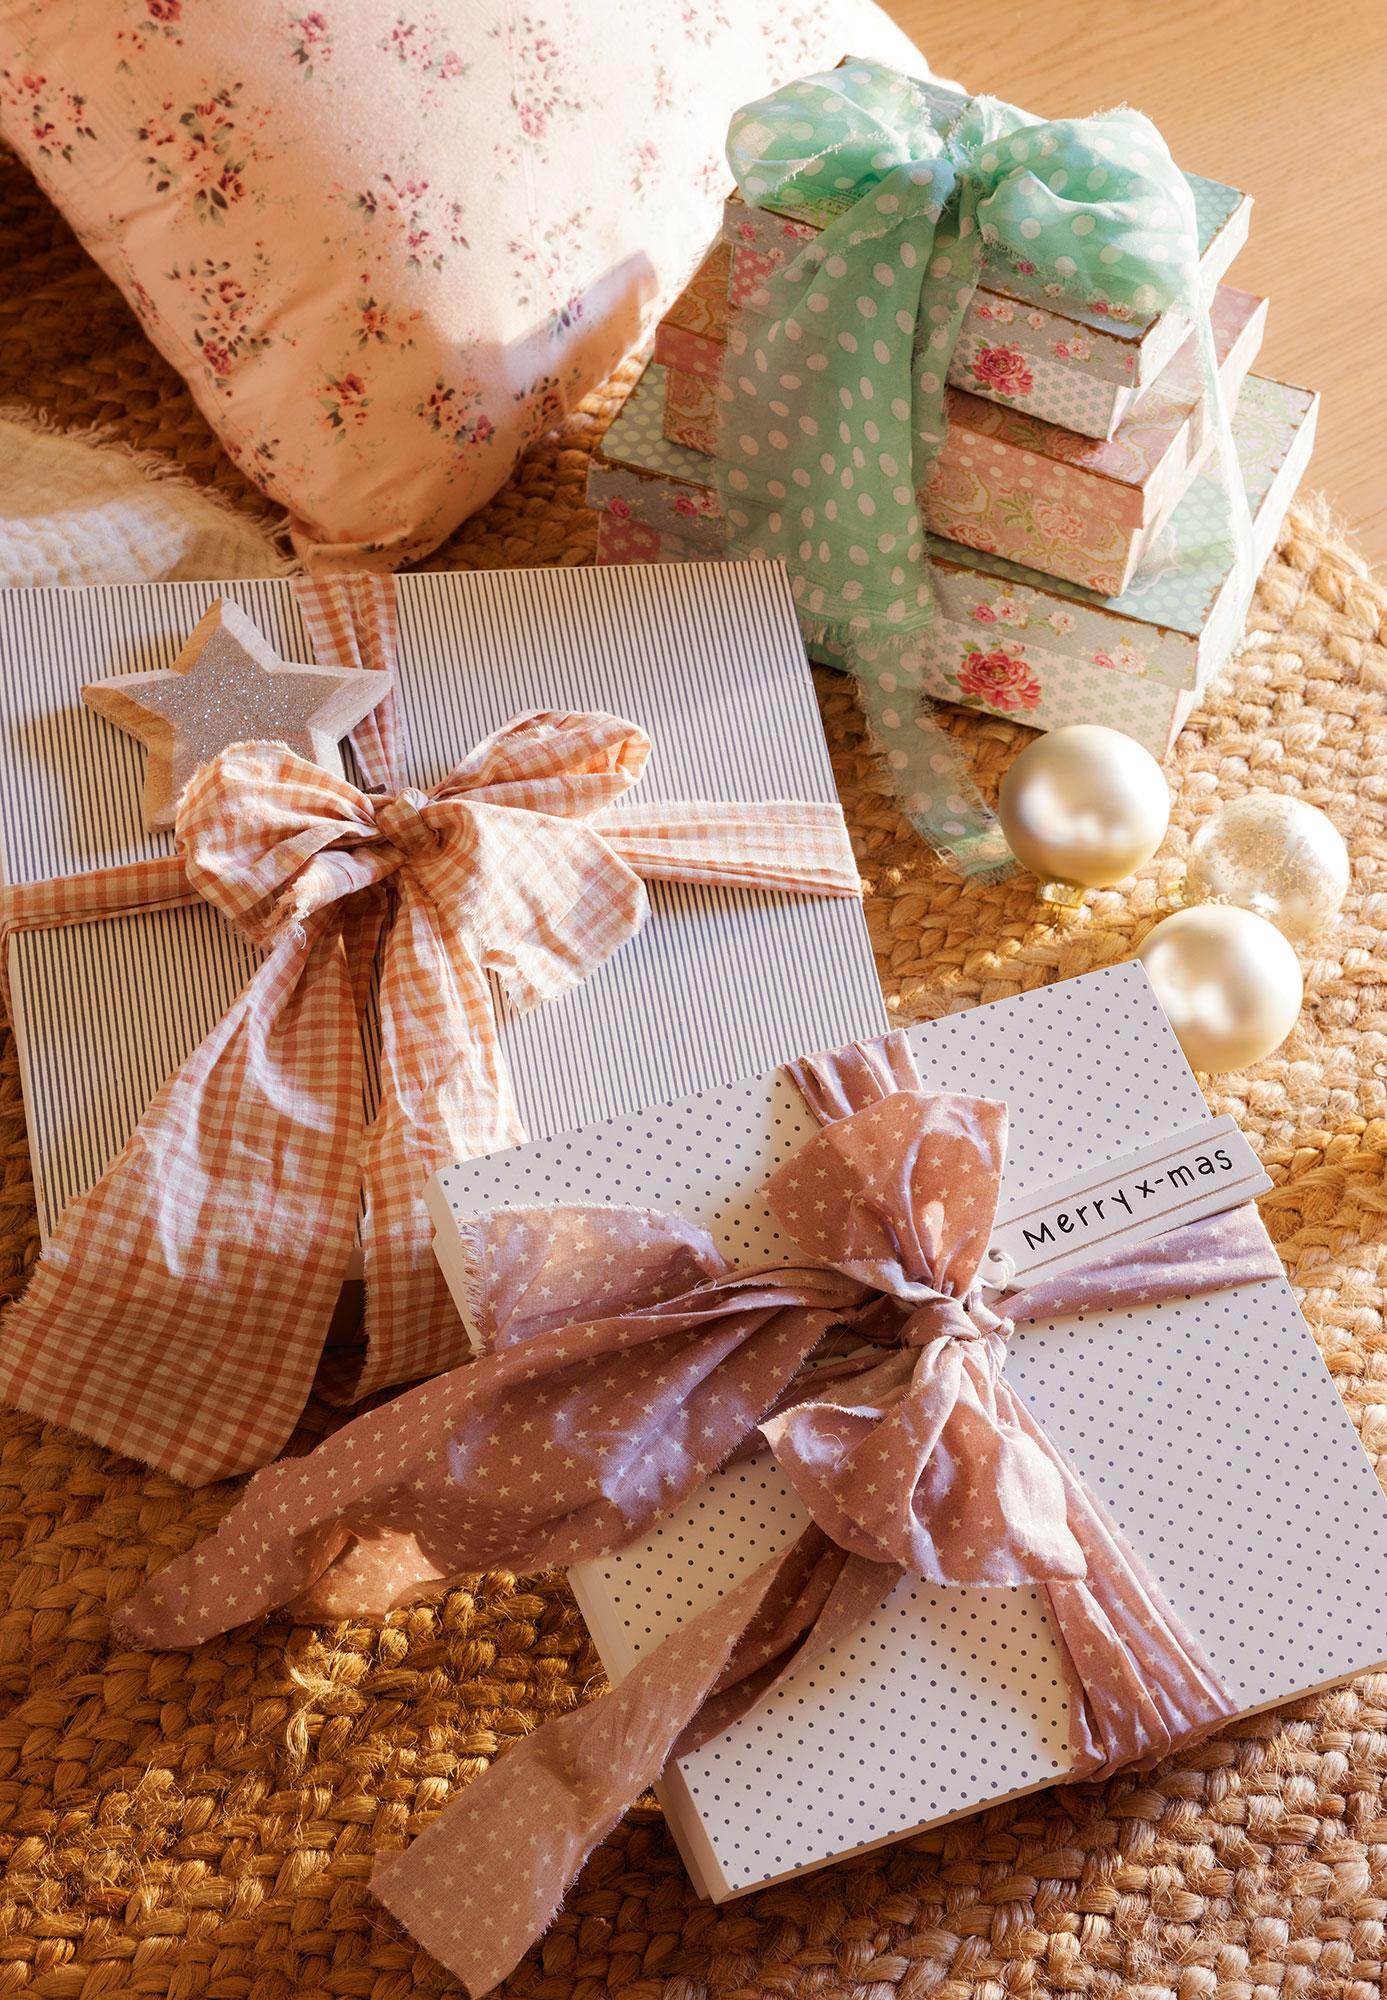 M s de ideas para envolver los regalos por Navidad